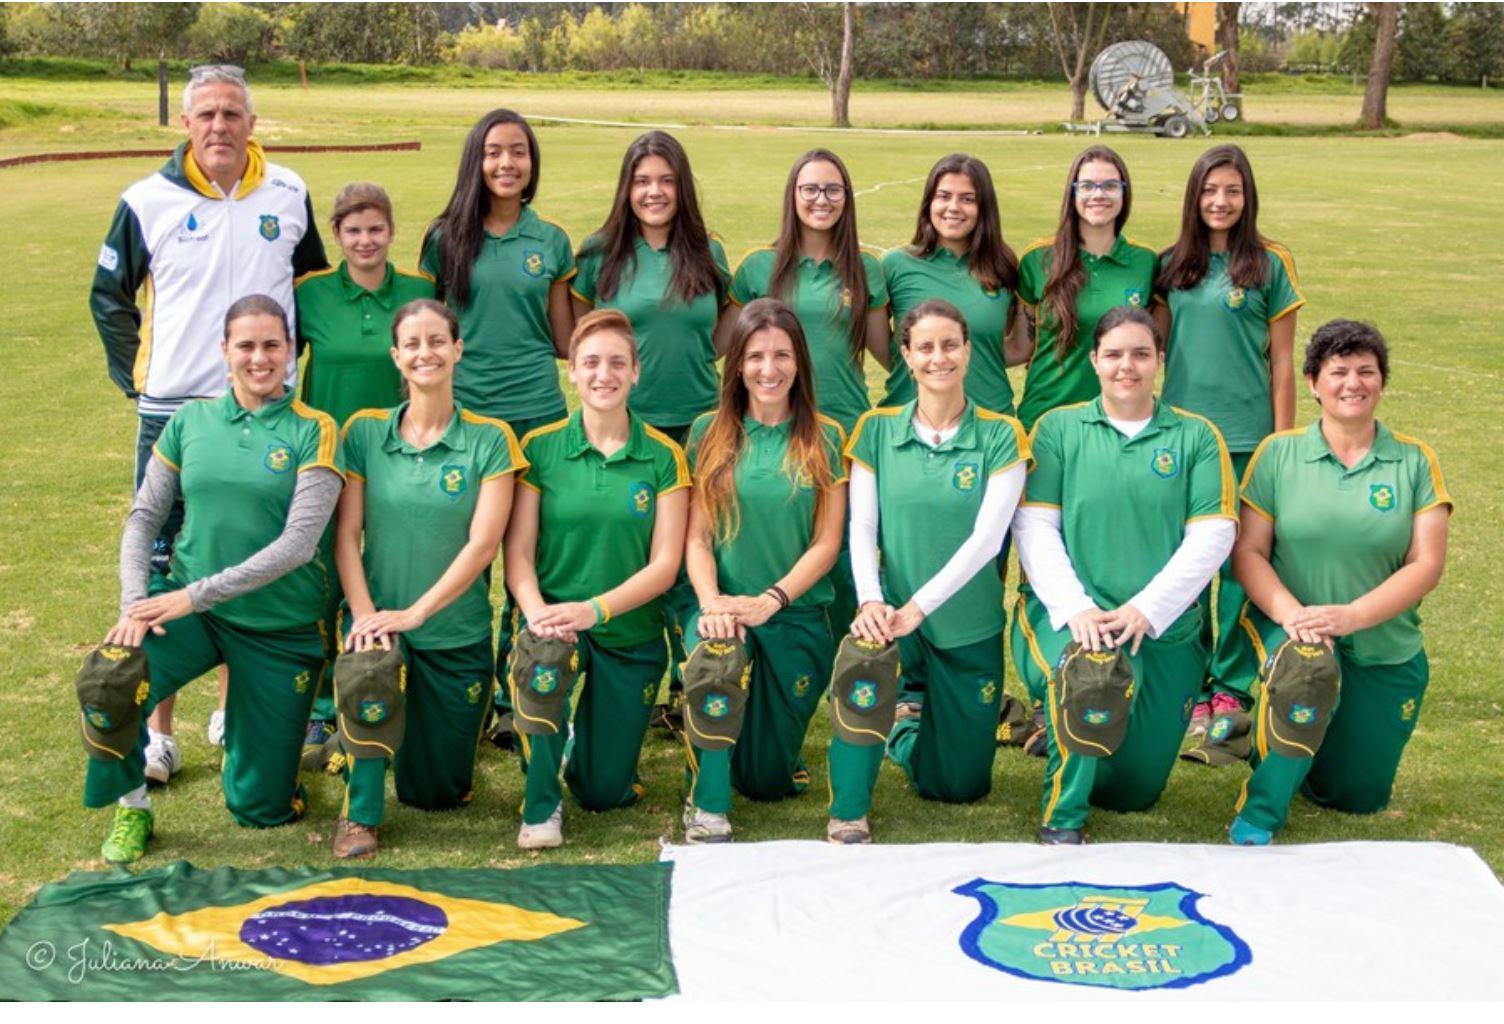 Mais da metade da seleção feminina de críquete é composta por jogadoras de Poços de Caldas